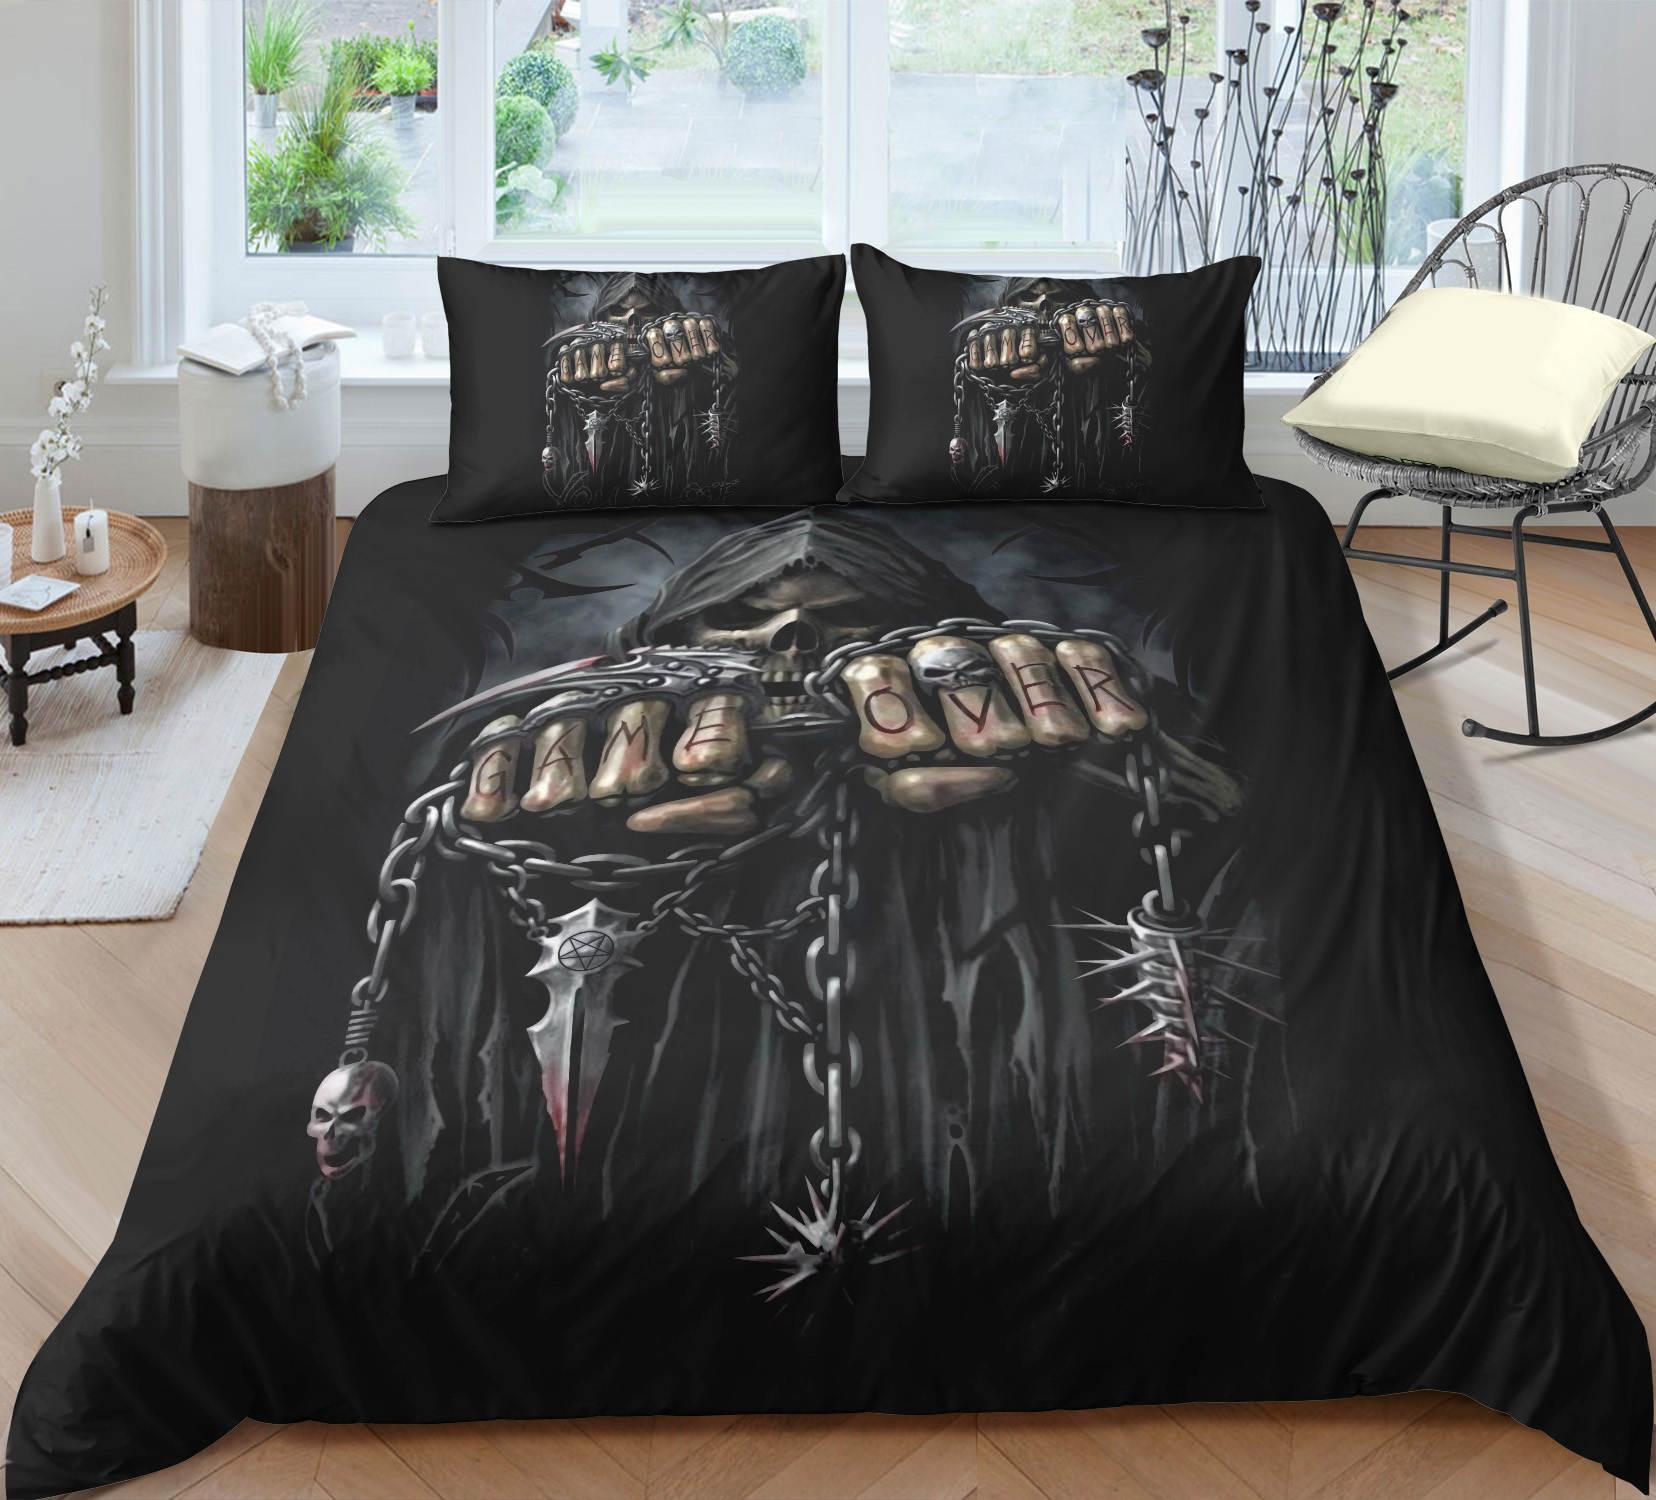 Preto Ceifador conjunto de cama King Size assustador Confortável Duvet 3D cover do Queen Início dezembro Individual Cama Dupla 3pcs Set Com fronha